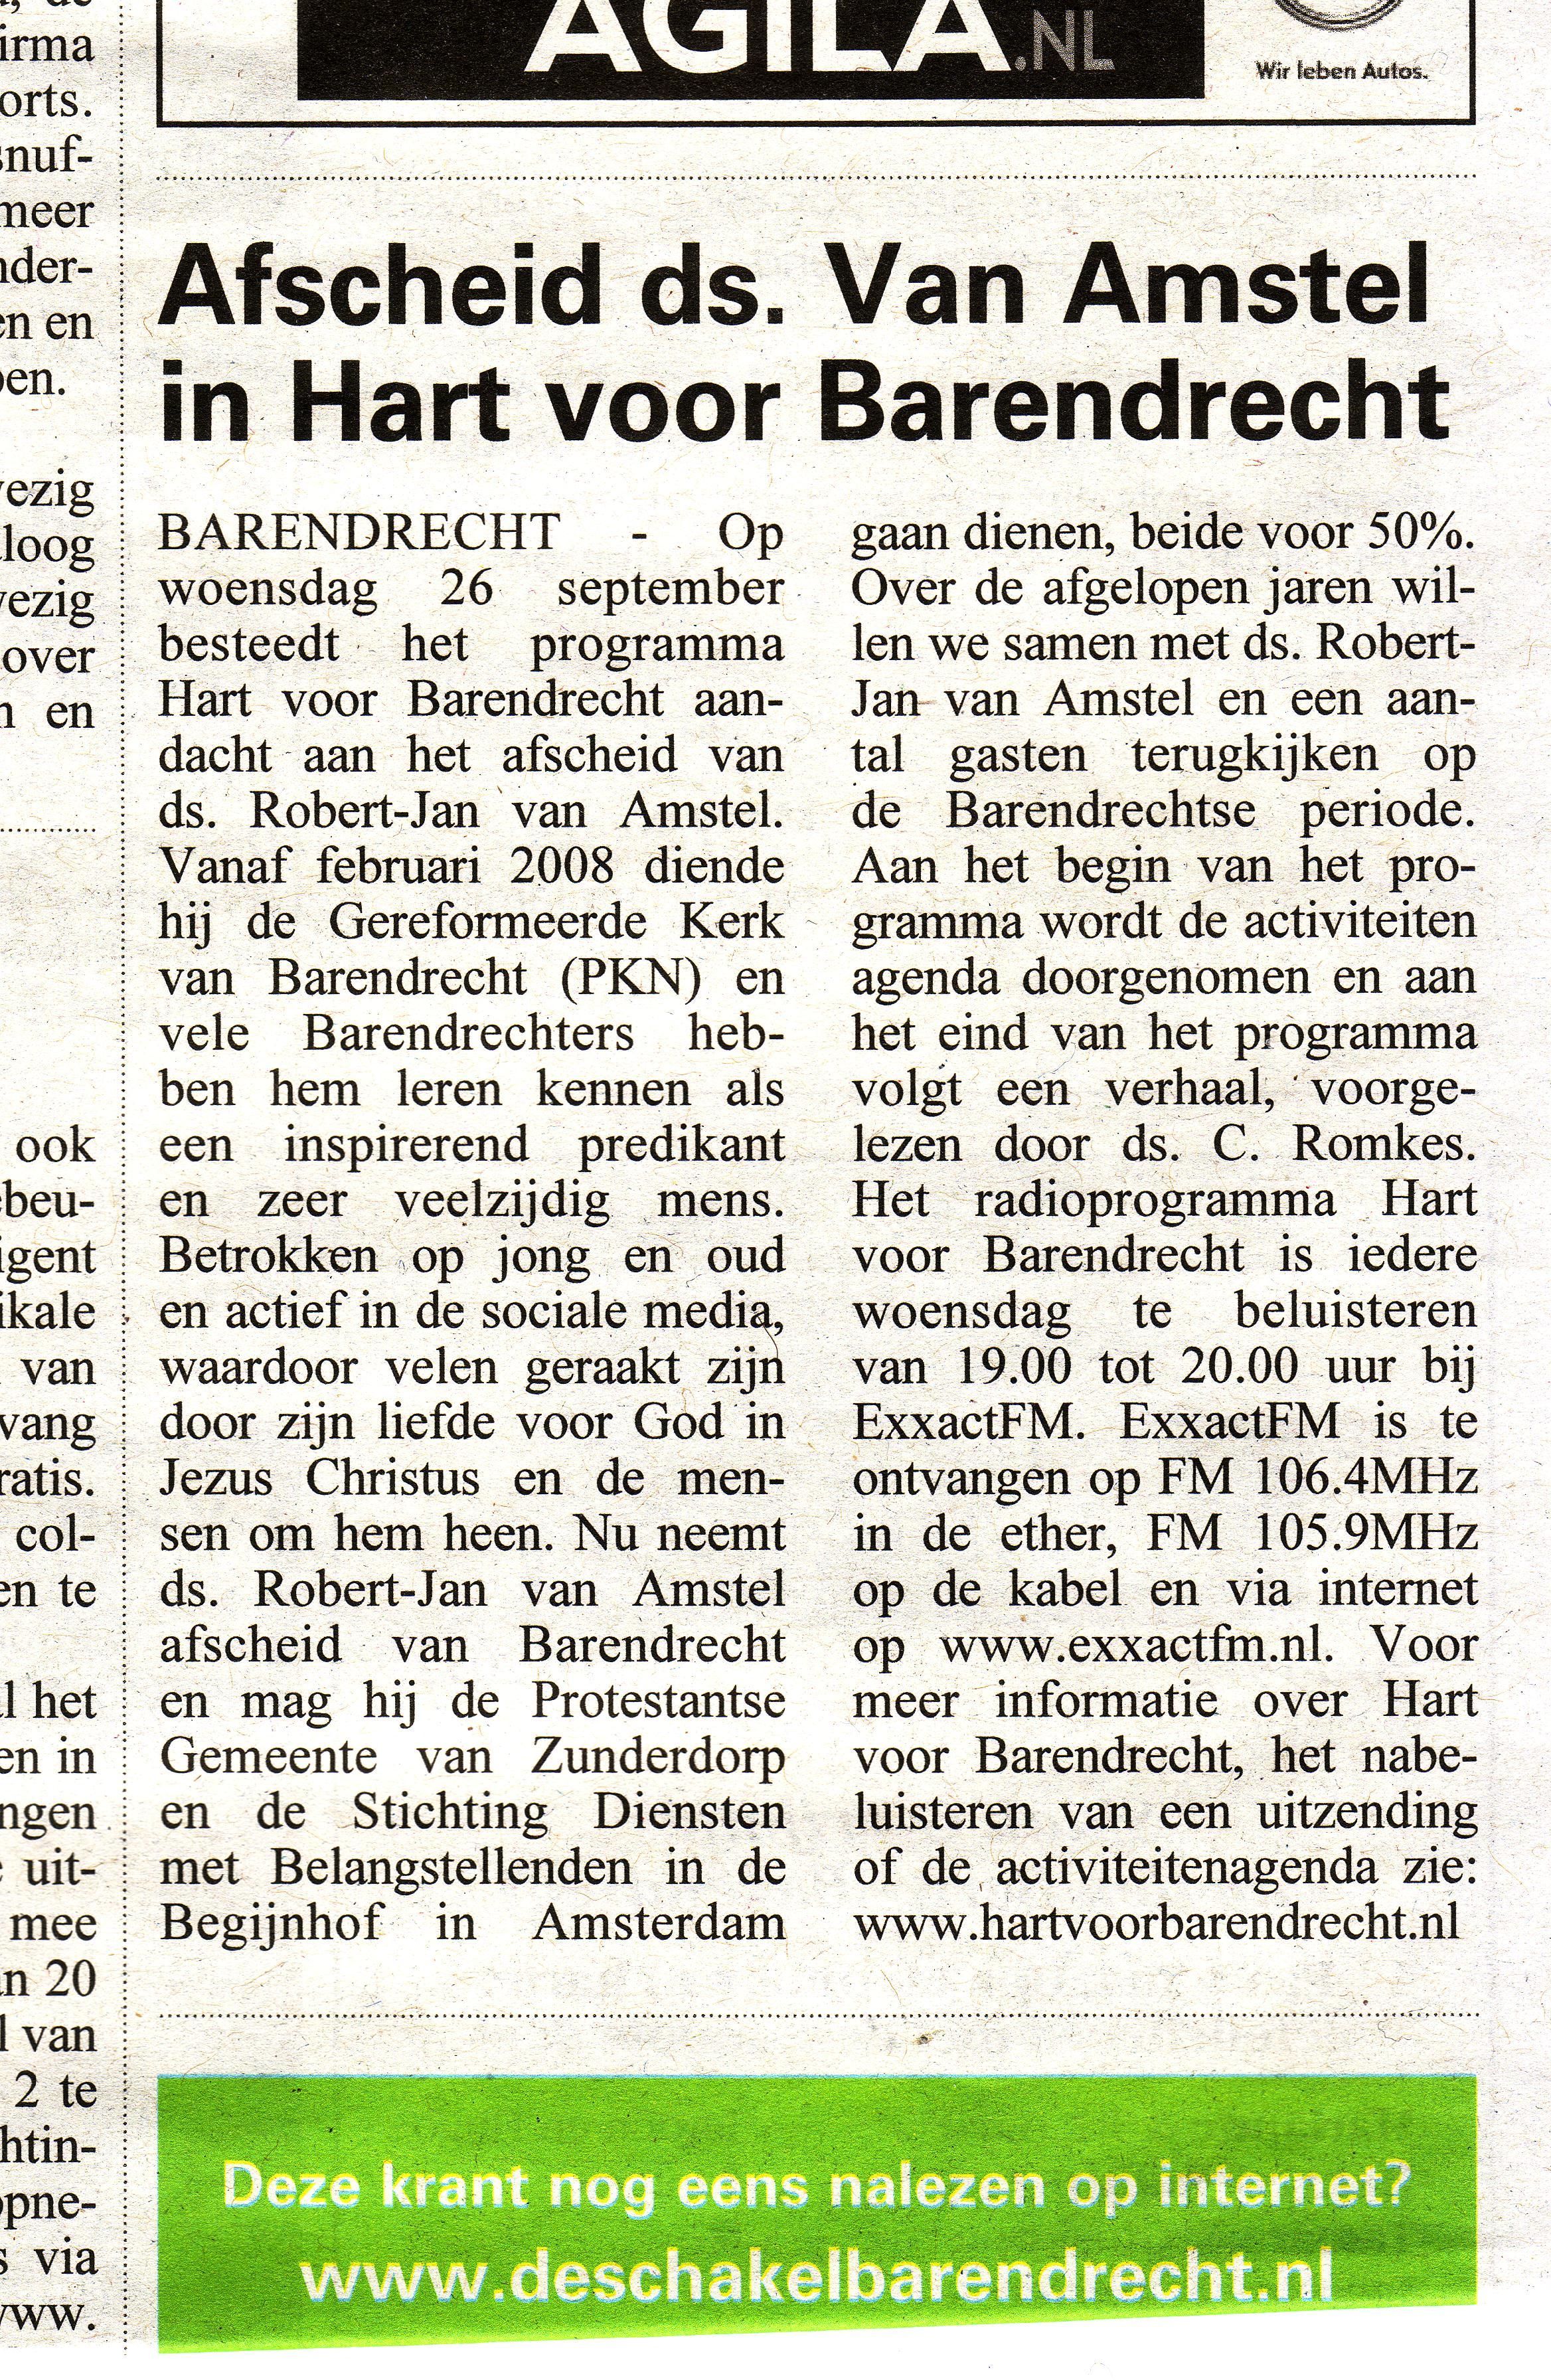 Aankondiging Hart voor Barendrecht / ExxactFM